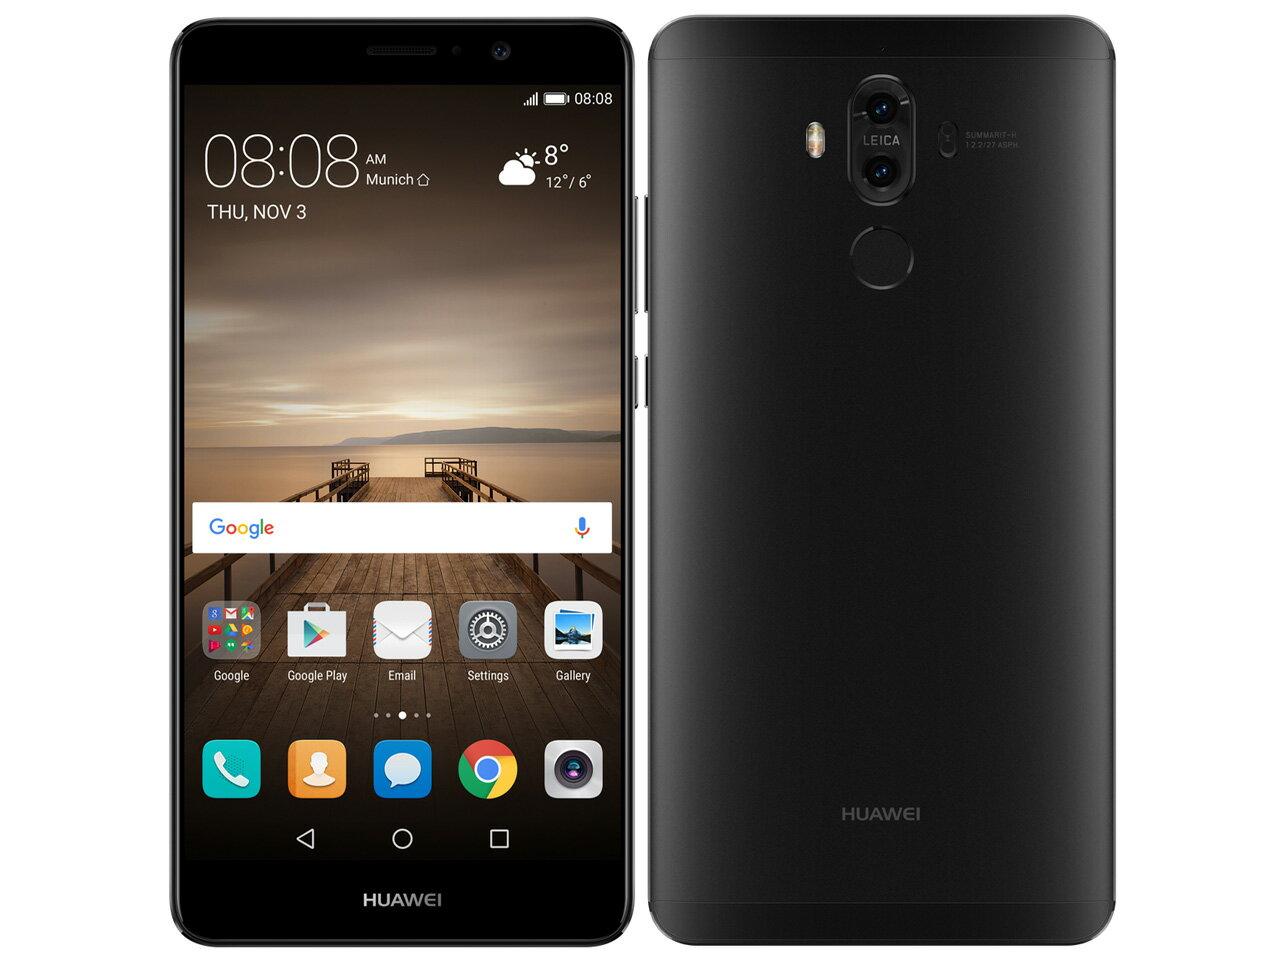 中古 Huawei Mate 9 MHA-L29 Black【国内版】 SIMフリー スマホ 本体【当社1ヶ月間保証】【中古】 【 中古スマホとsimフリー端末販売の携帯少年 】:中古スマホとsimフリーの携帯少年